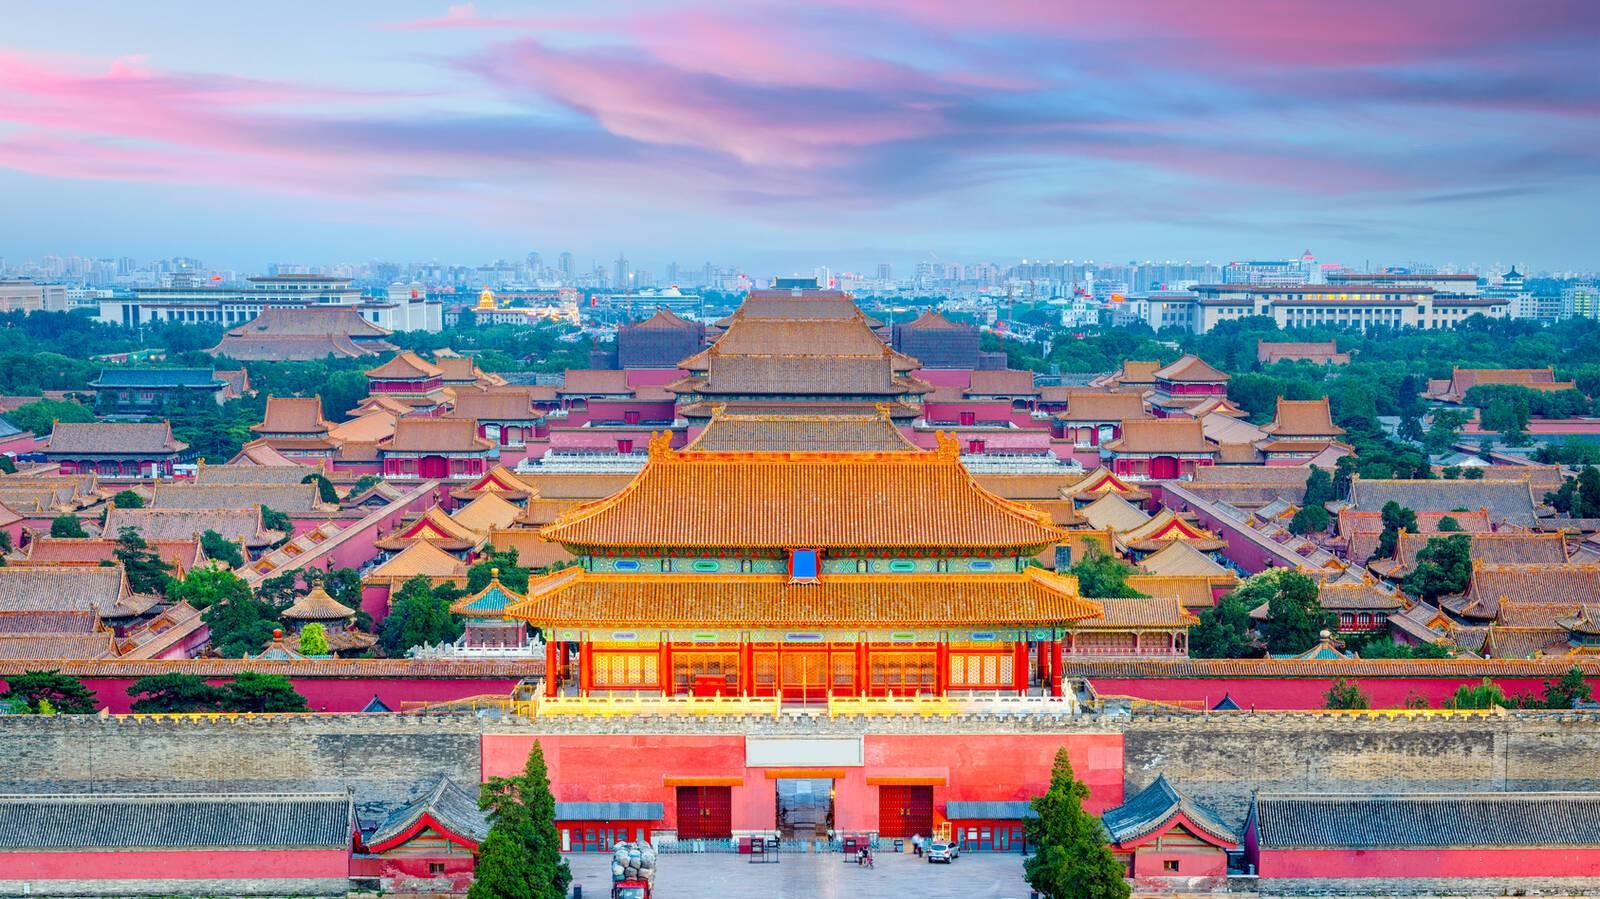 Pekin Cite Interdite Circuit Chine Fotolia SeanPavone